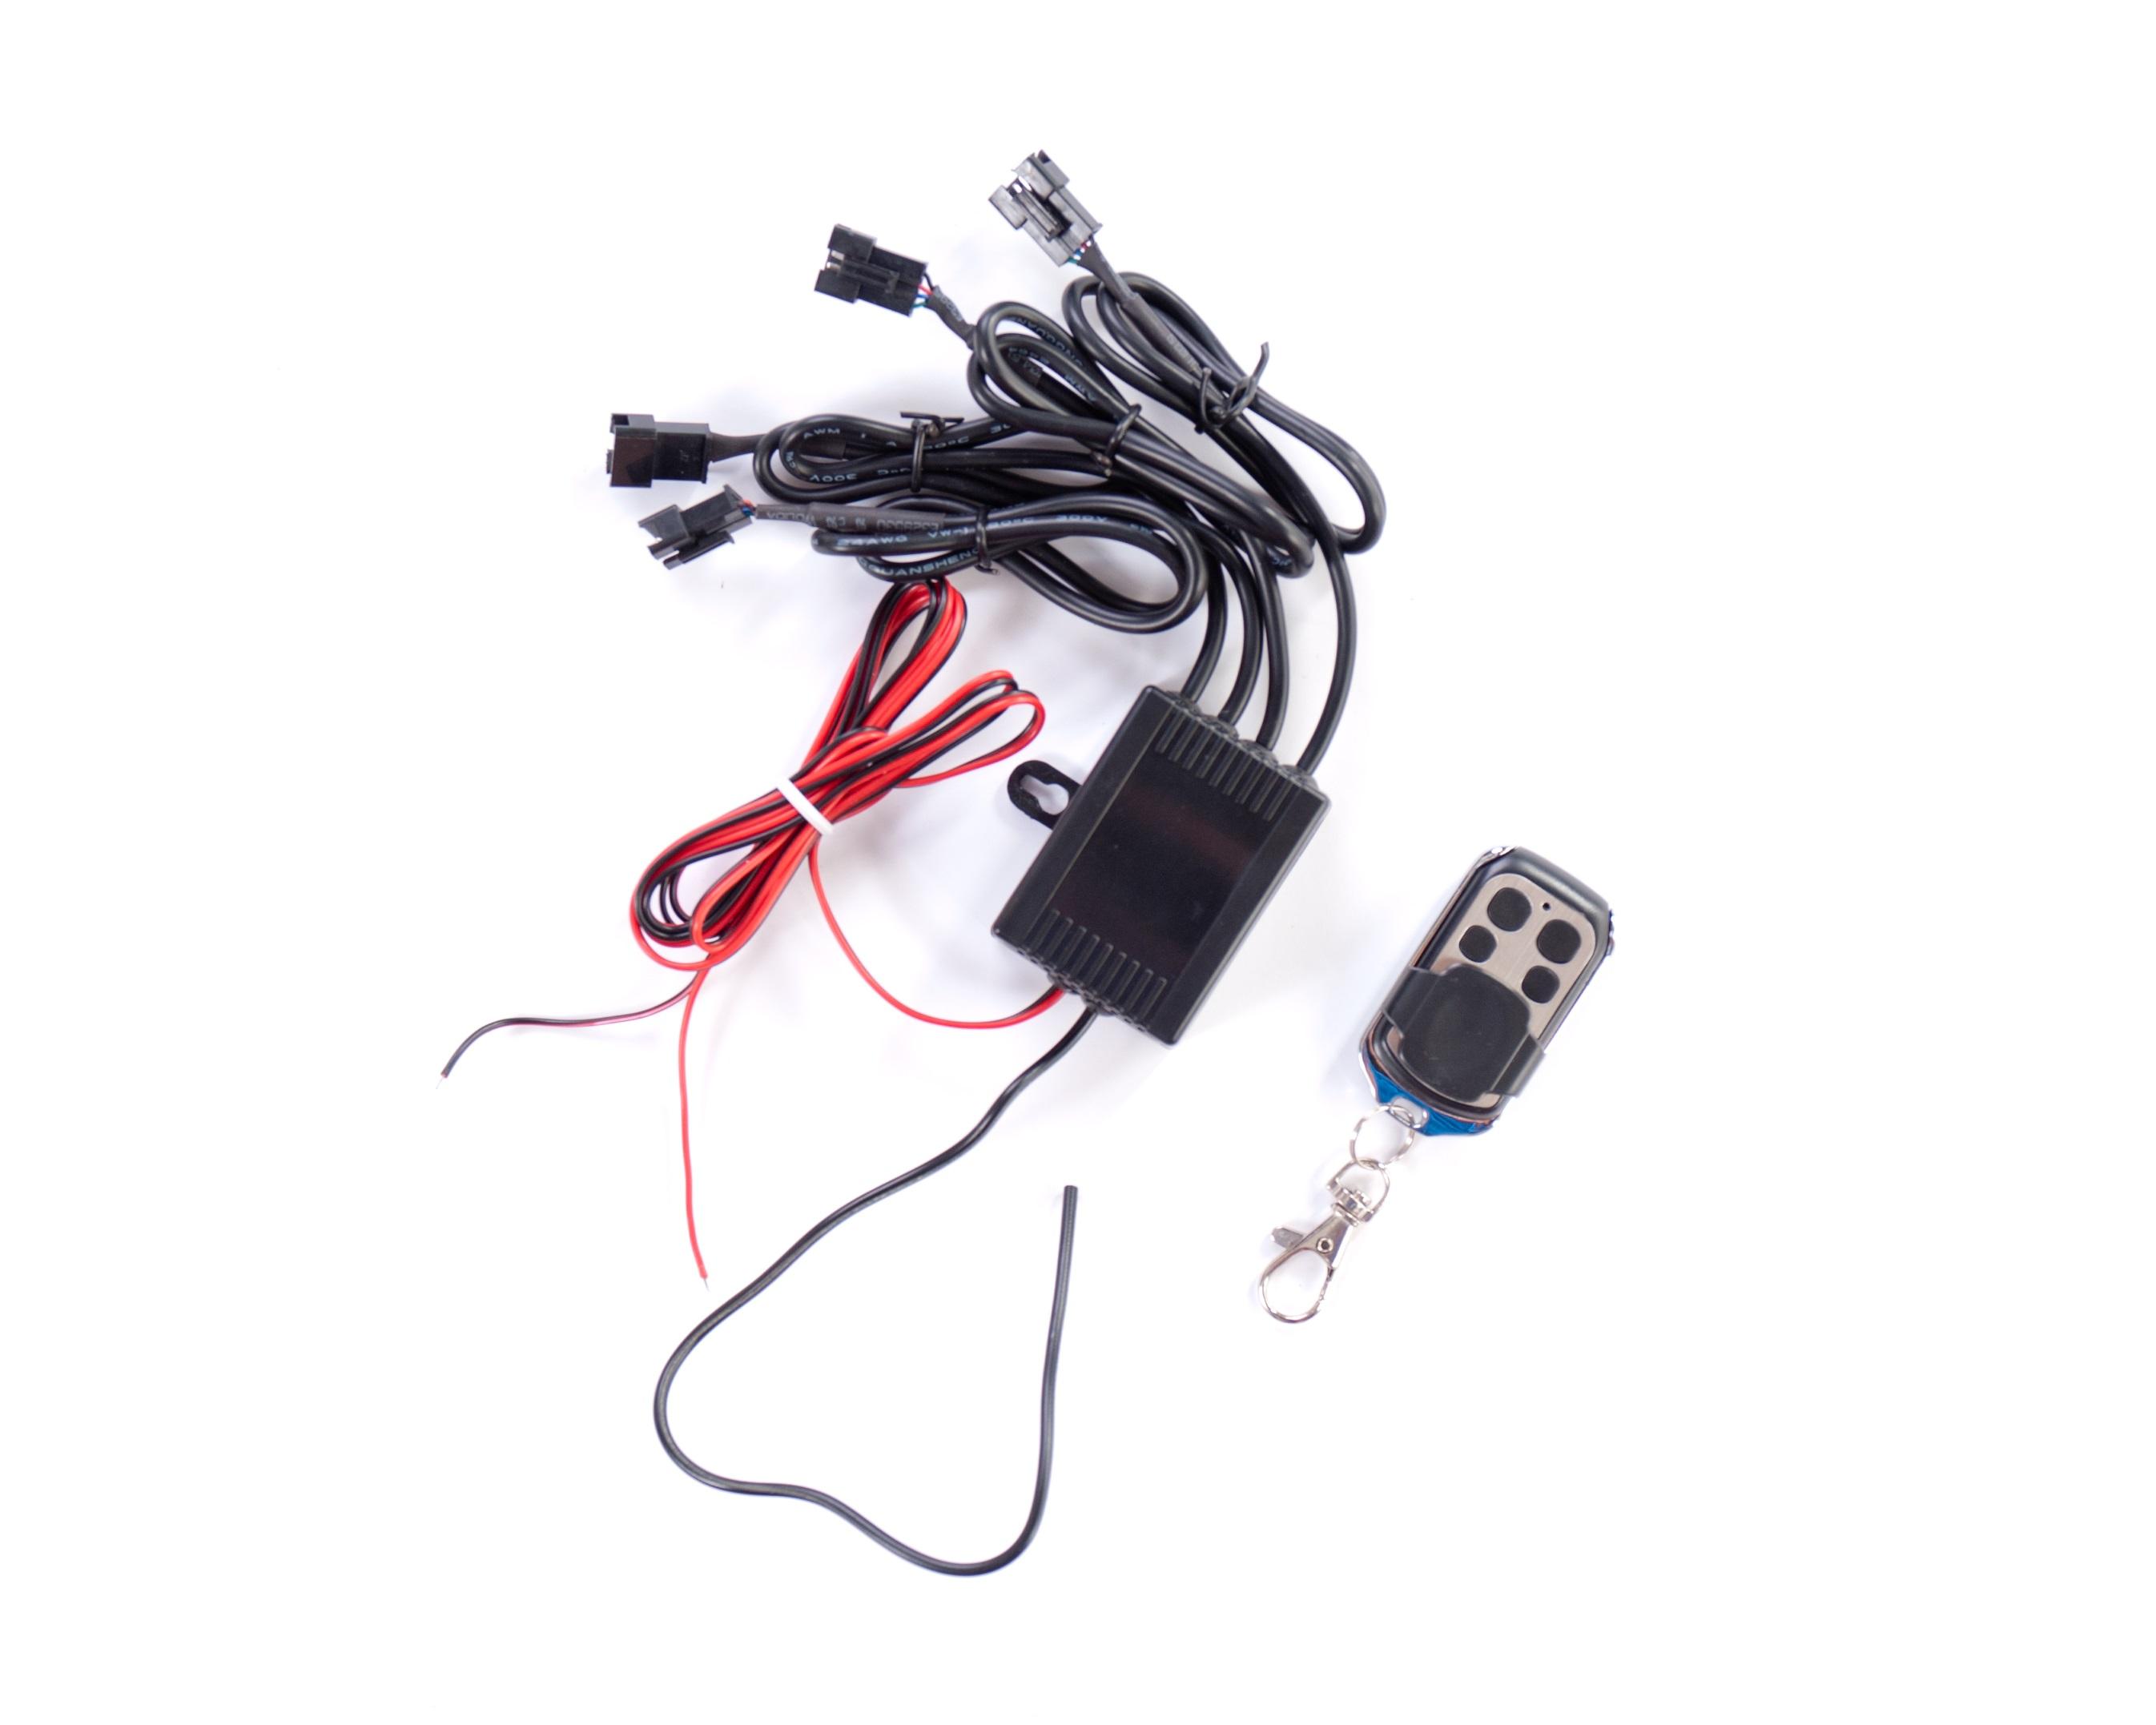 MonsterBrite LEDs Chameleon Control Kit